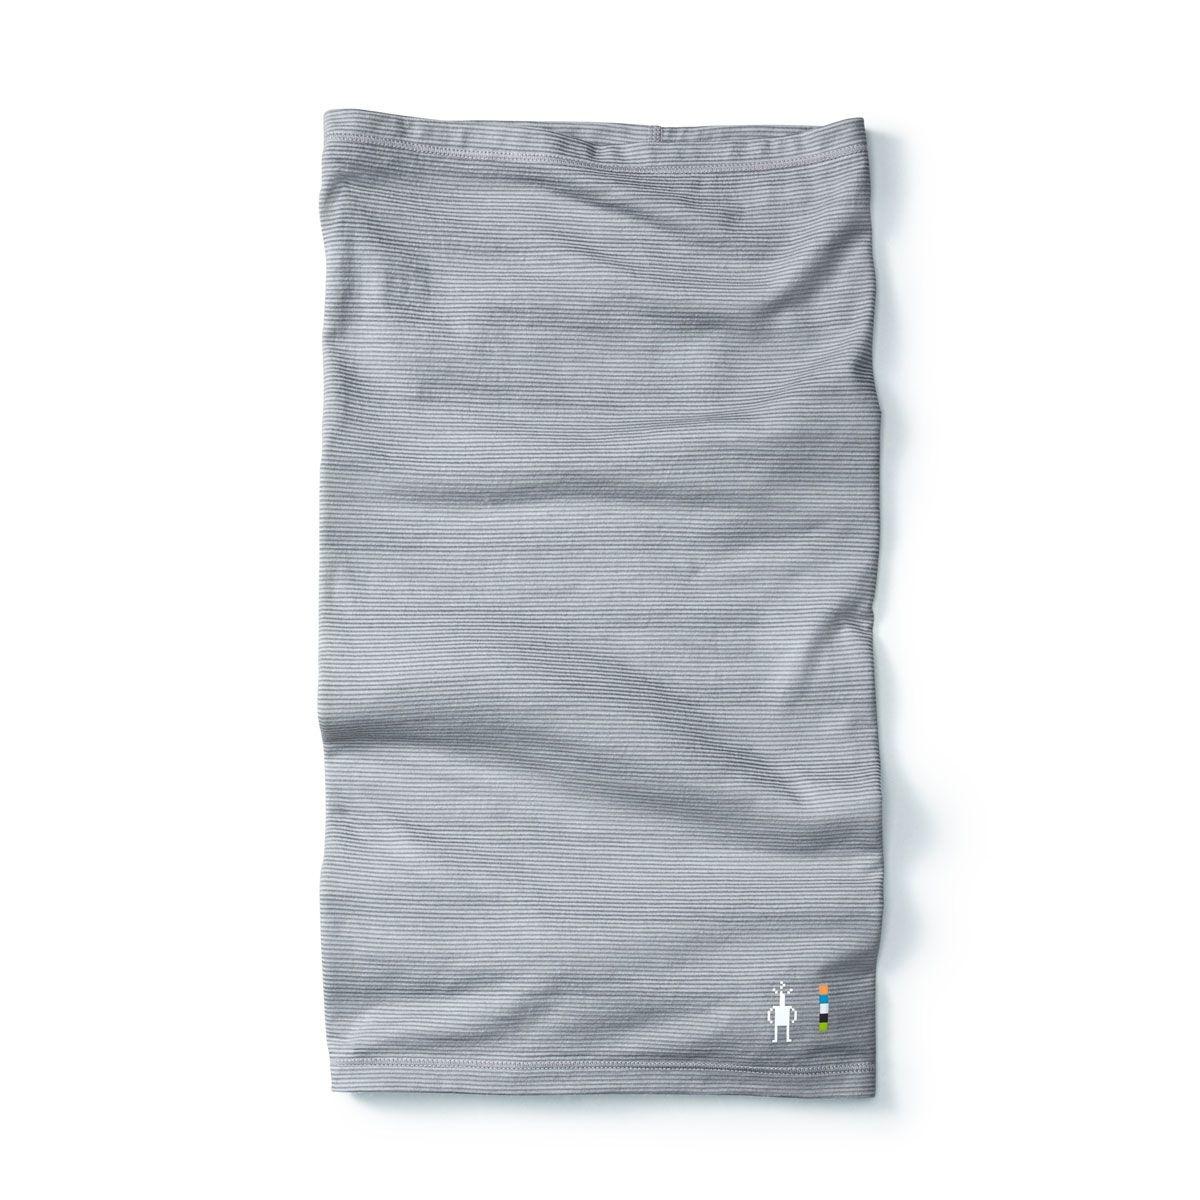 Smartwool Merino 150 Pattern Neck Gaiter Dark Pebble Gray